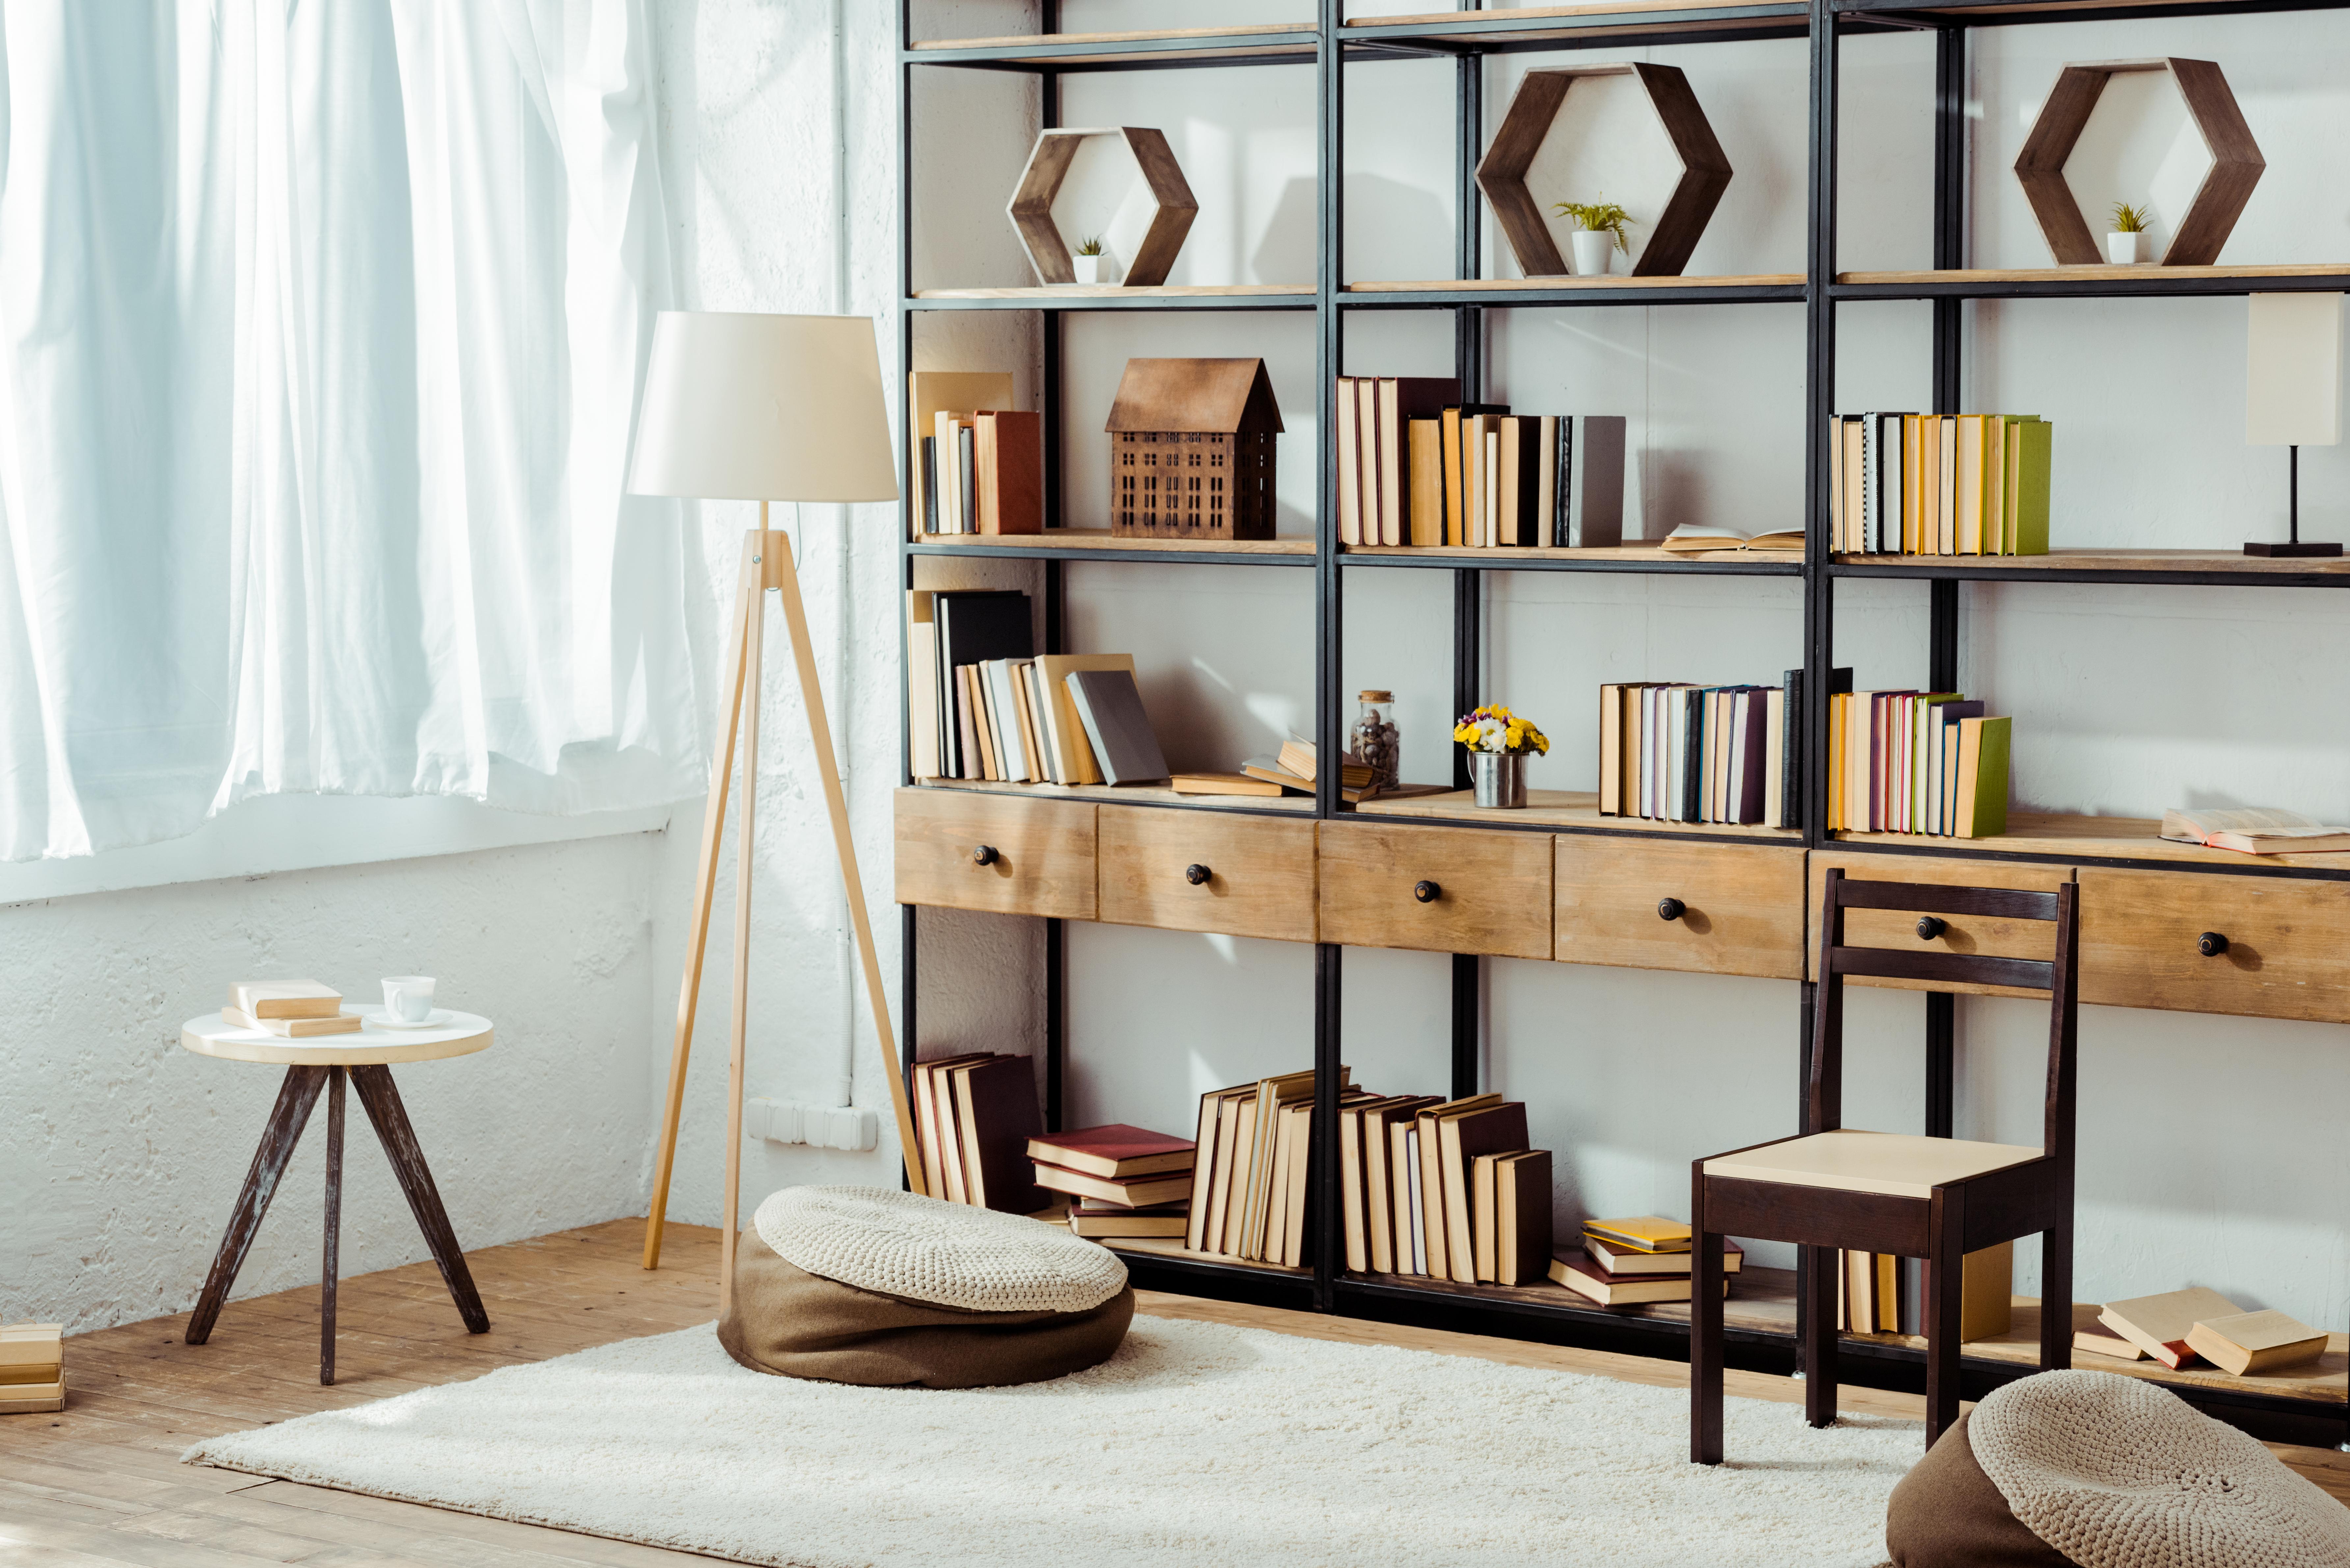 estanteria de madera moderna